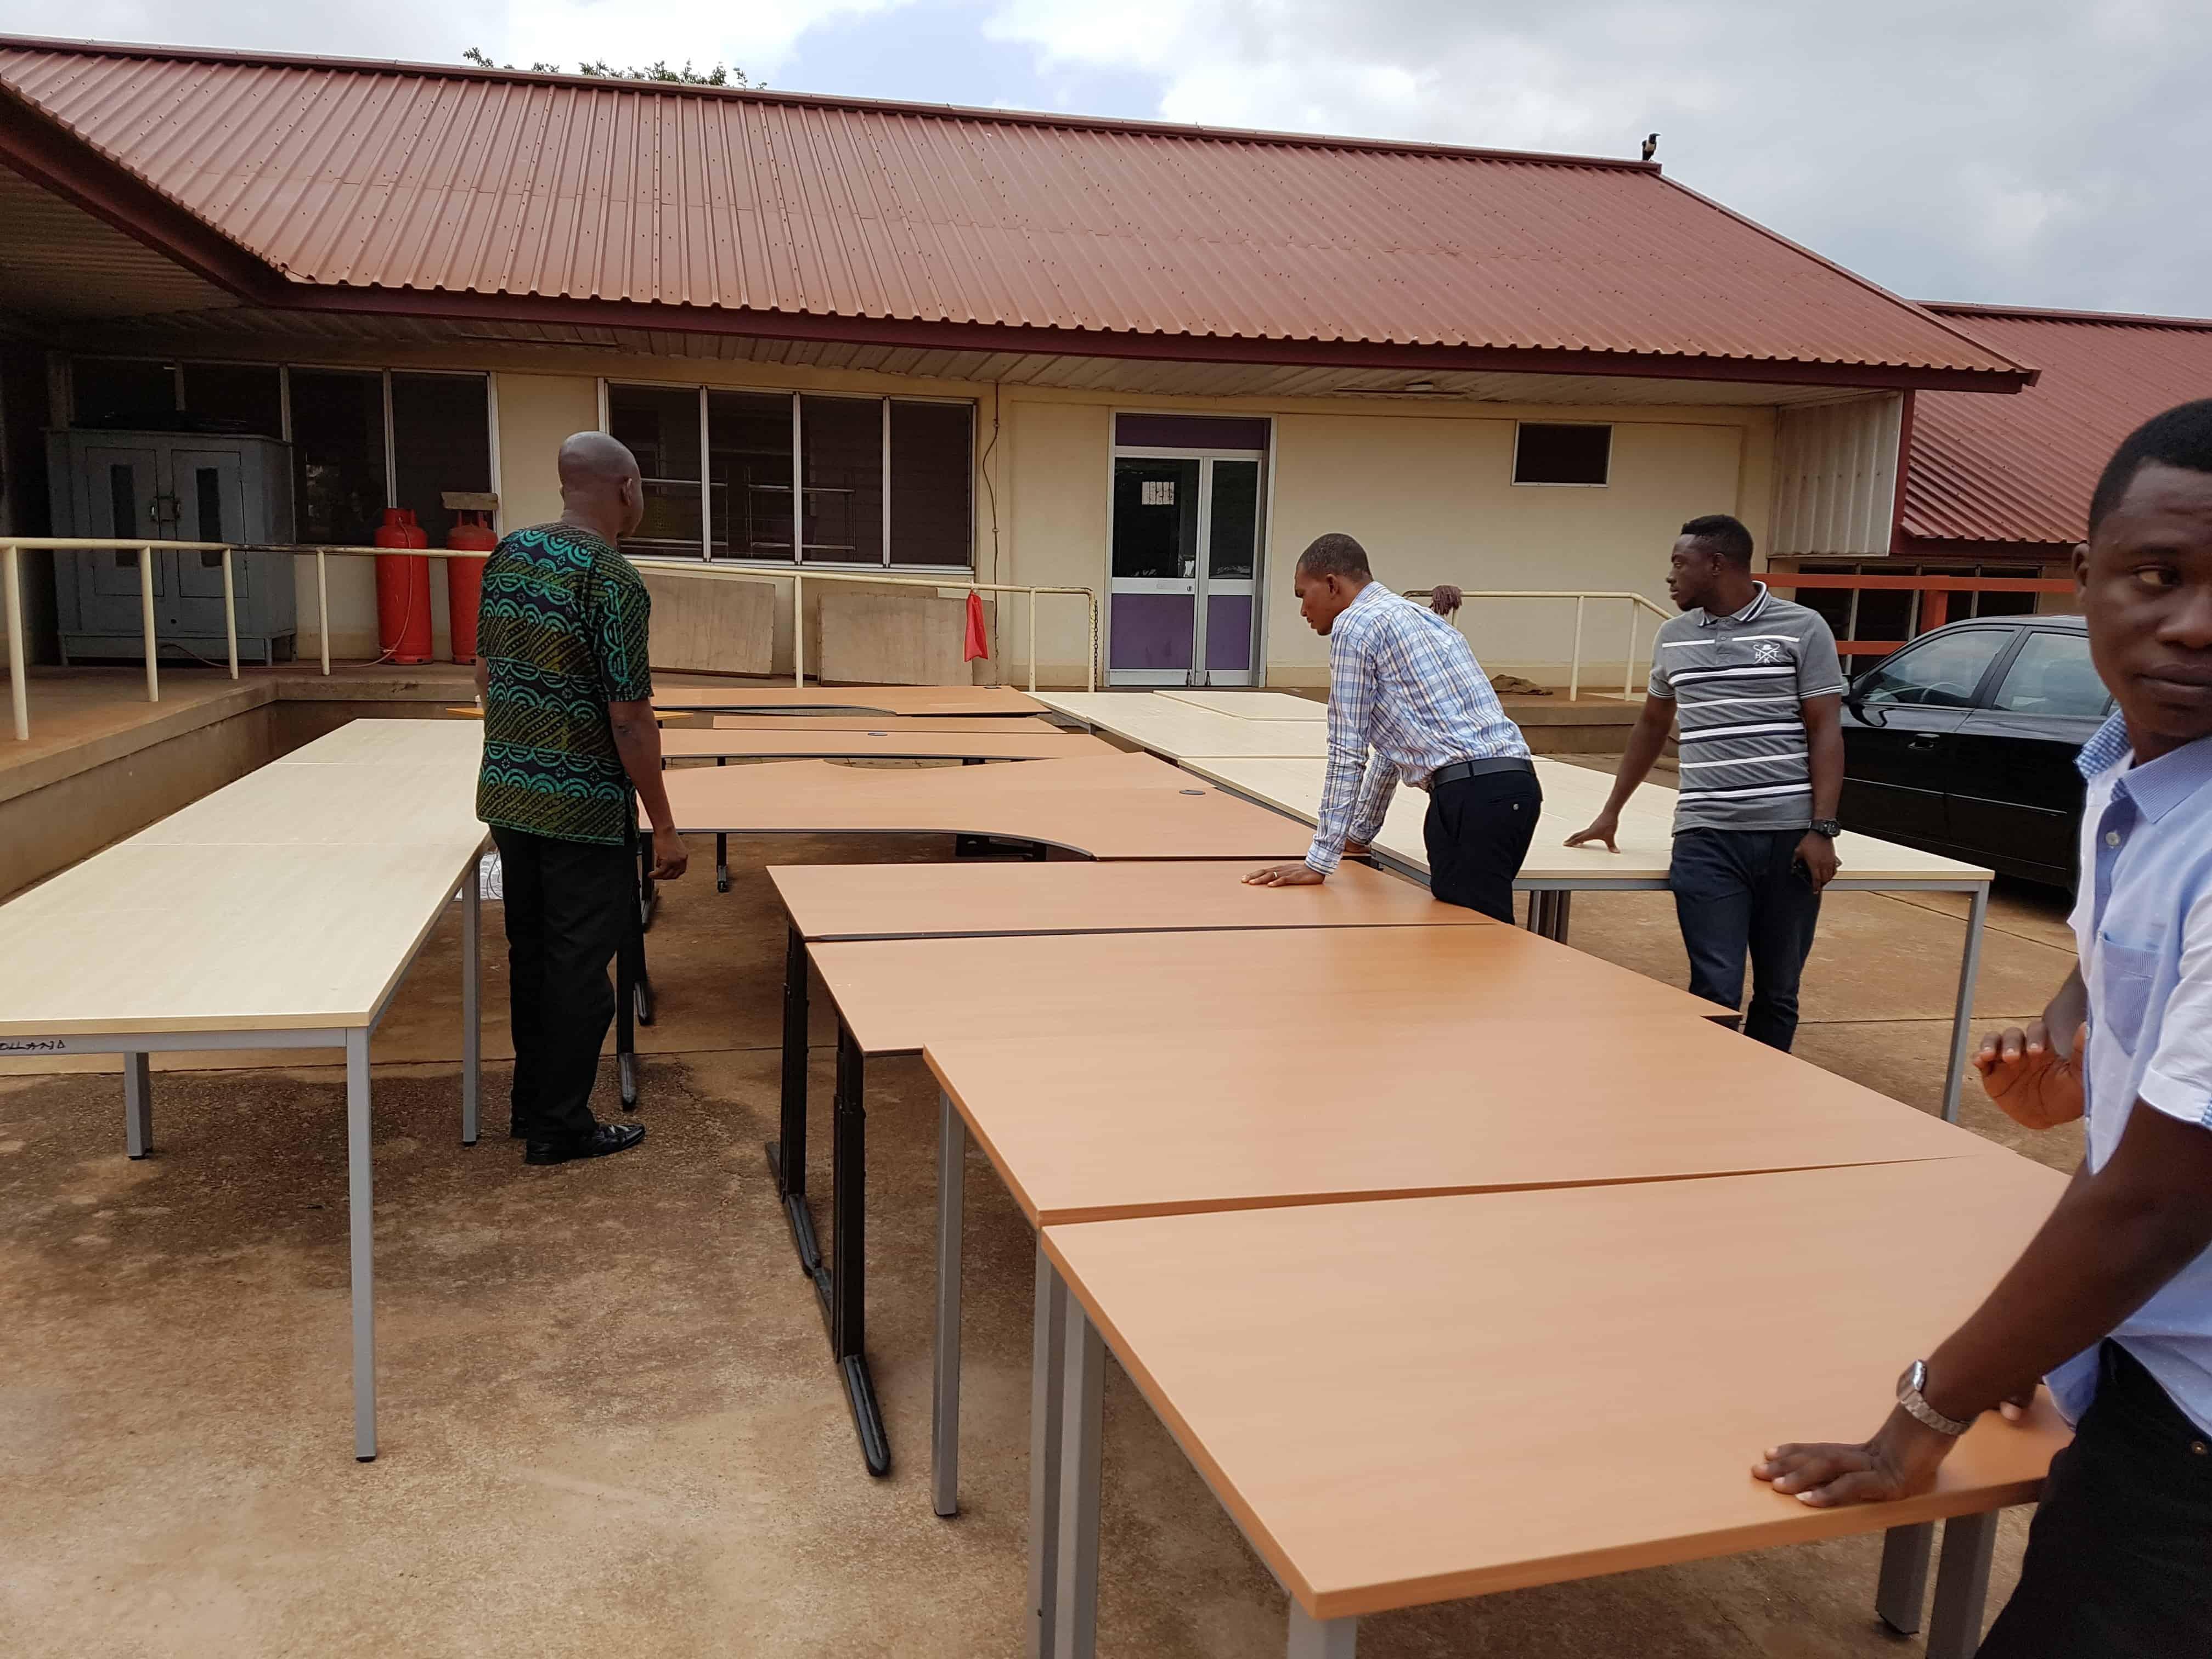 Polteq meubilair naar Ghana